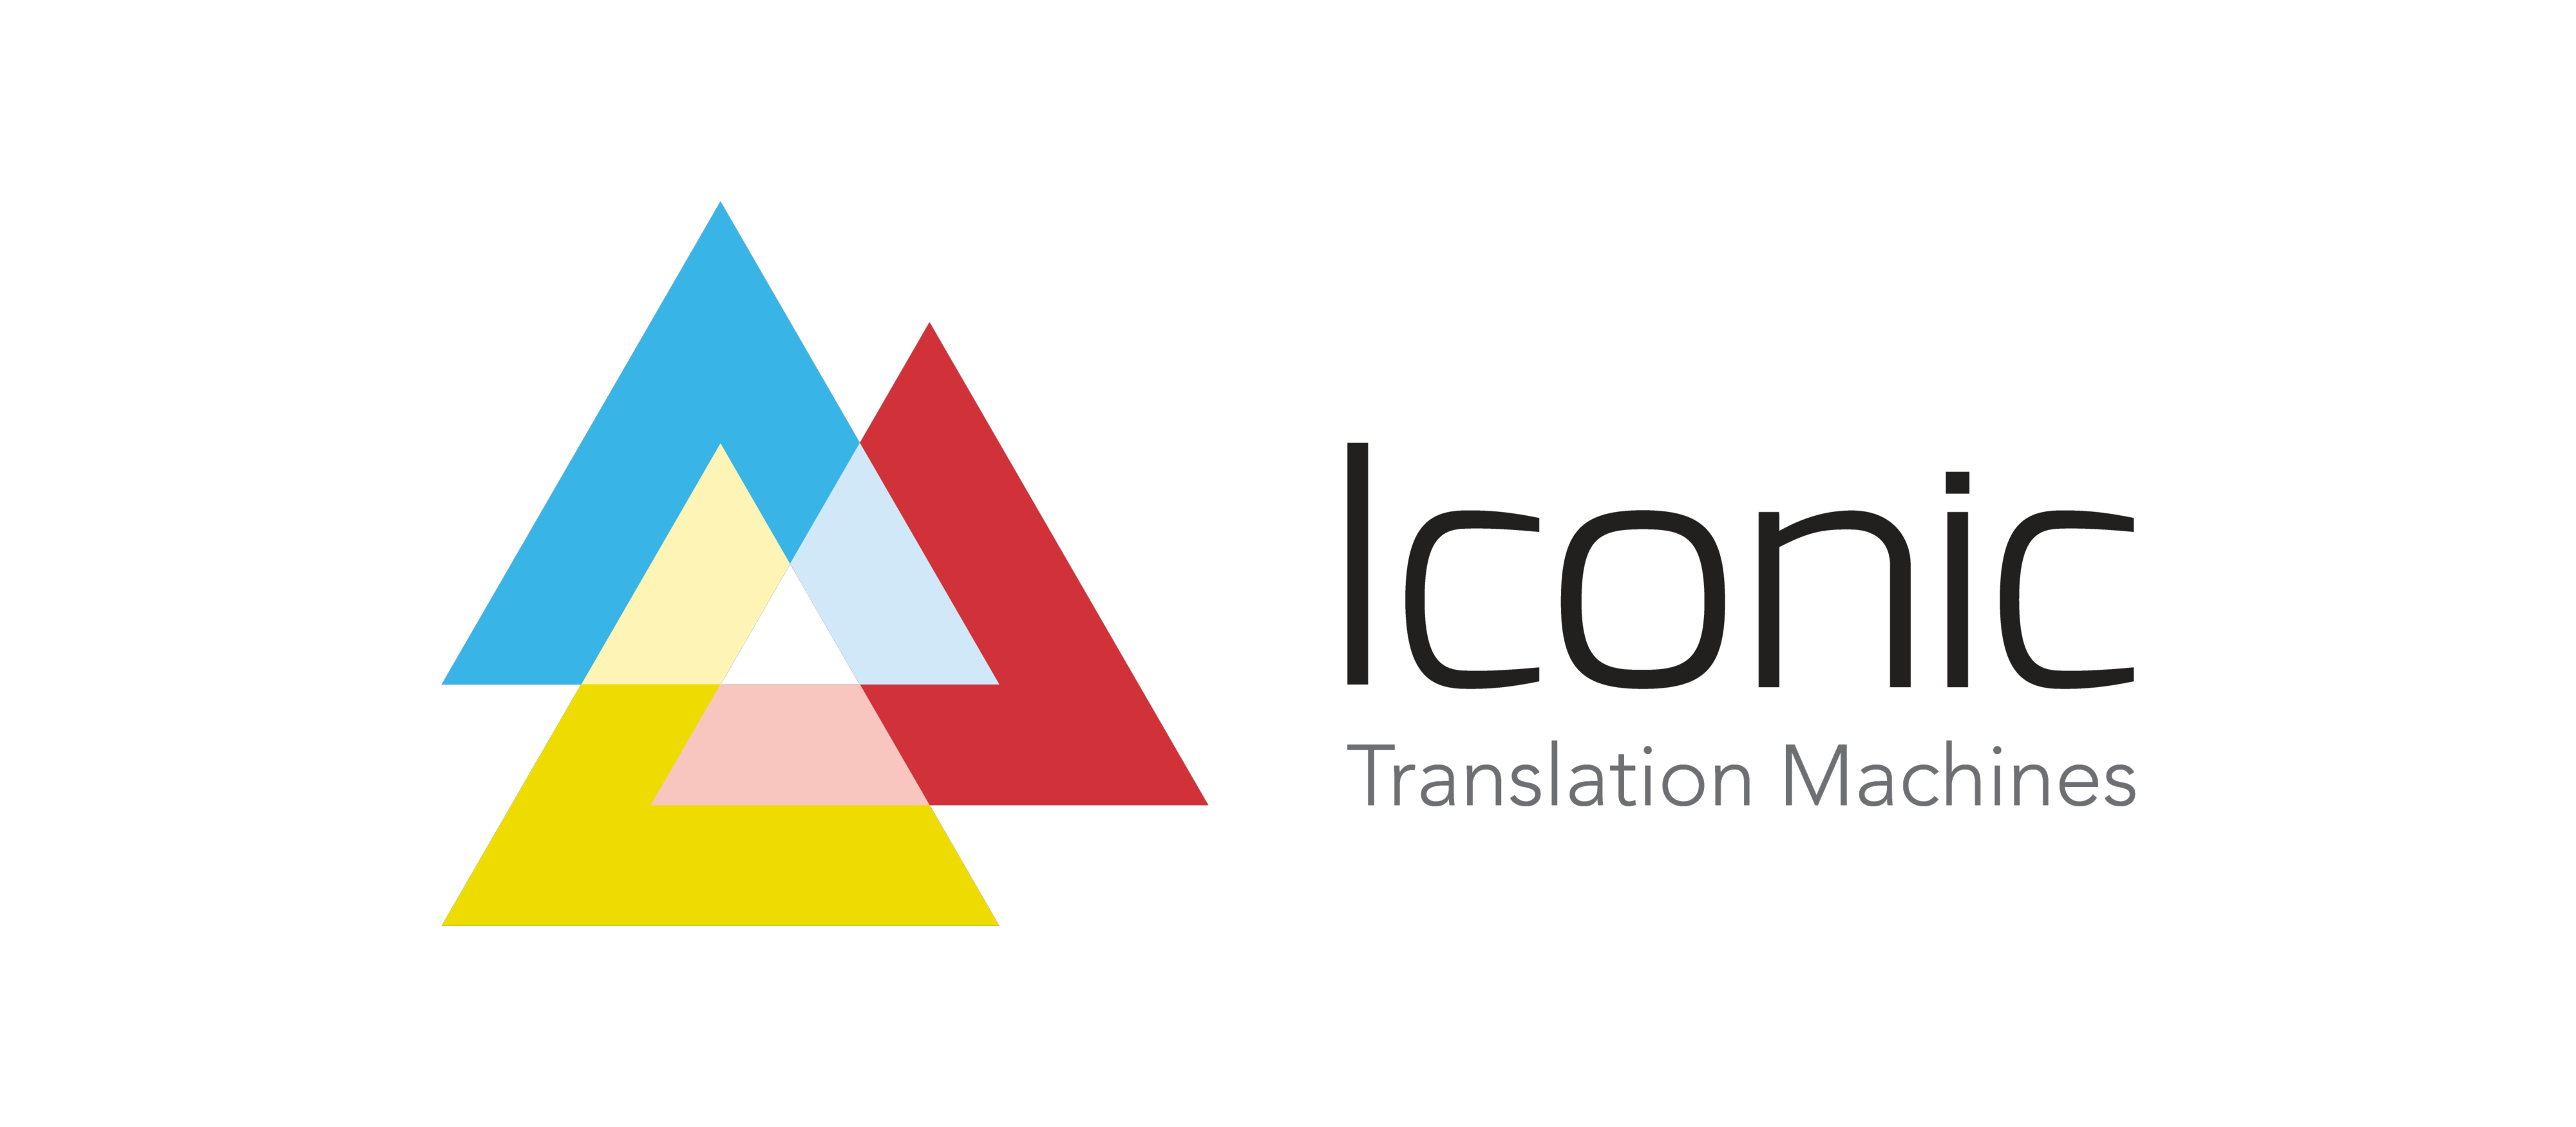 Iconic Translation Machines